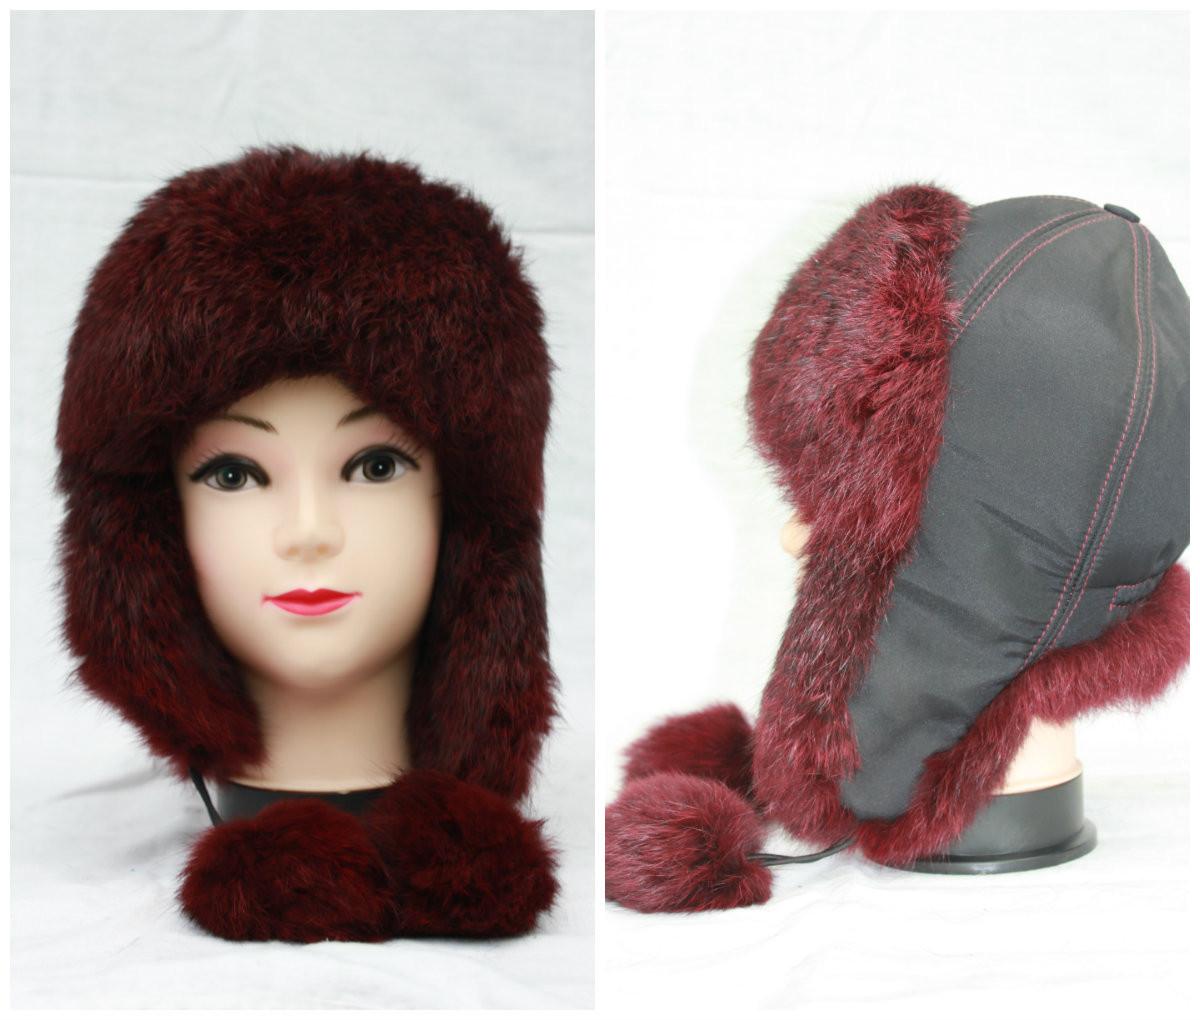 Дитяча хутряна шапка з кролика, вушанка, від виробника, різні кольори